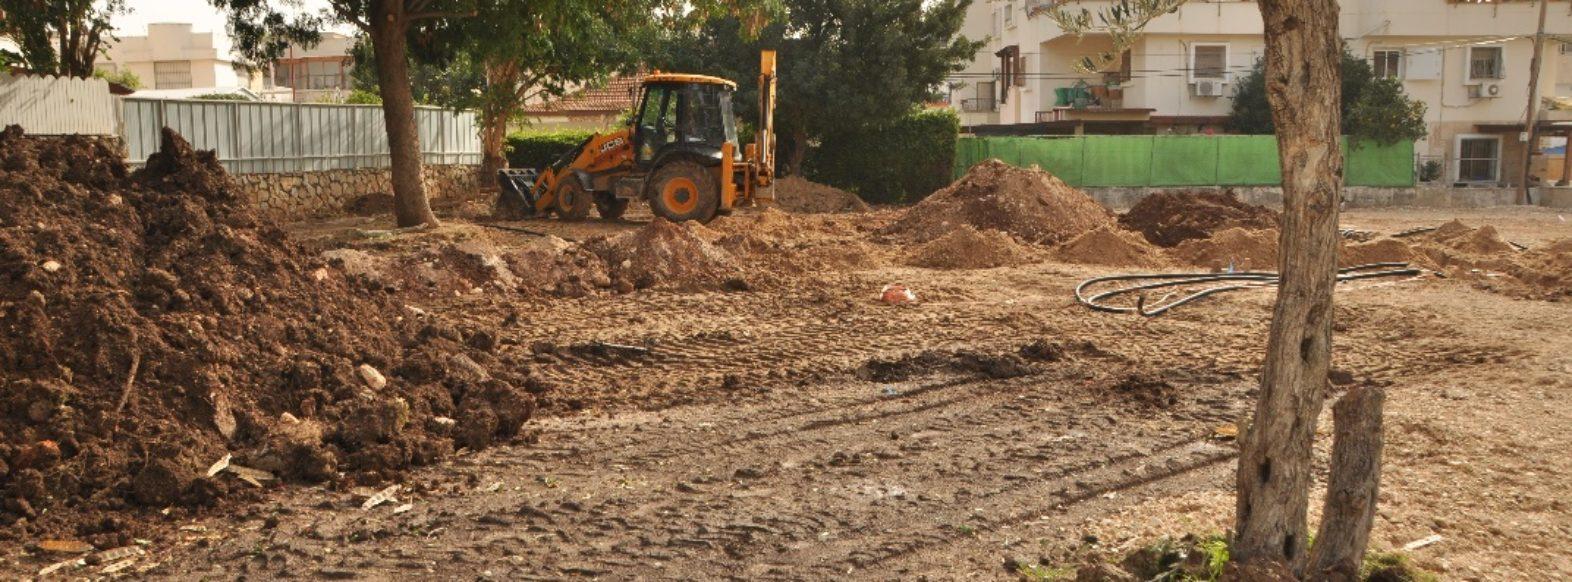 עיריית קרית אתא  מקימה גן משחקים חדש ברחוב אברמסקי